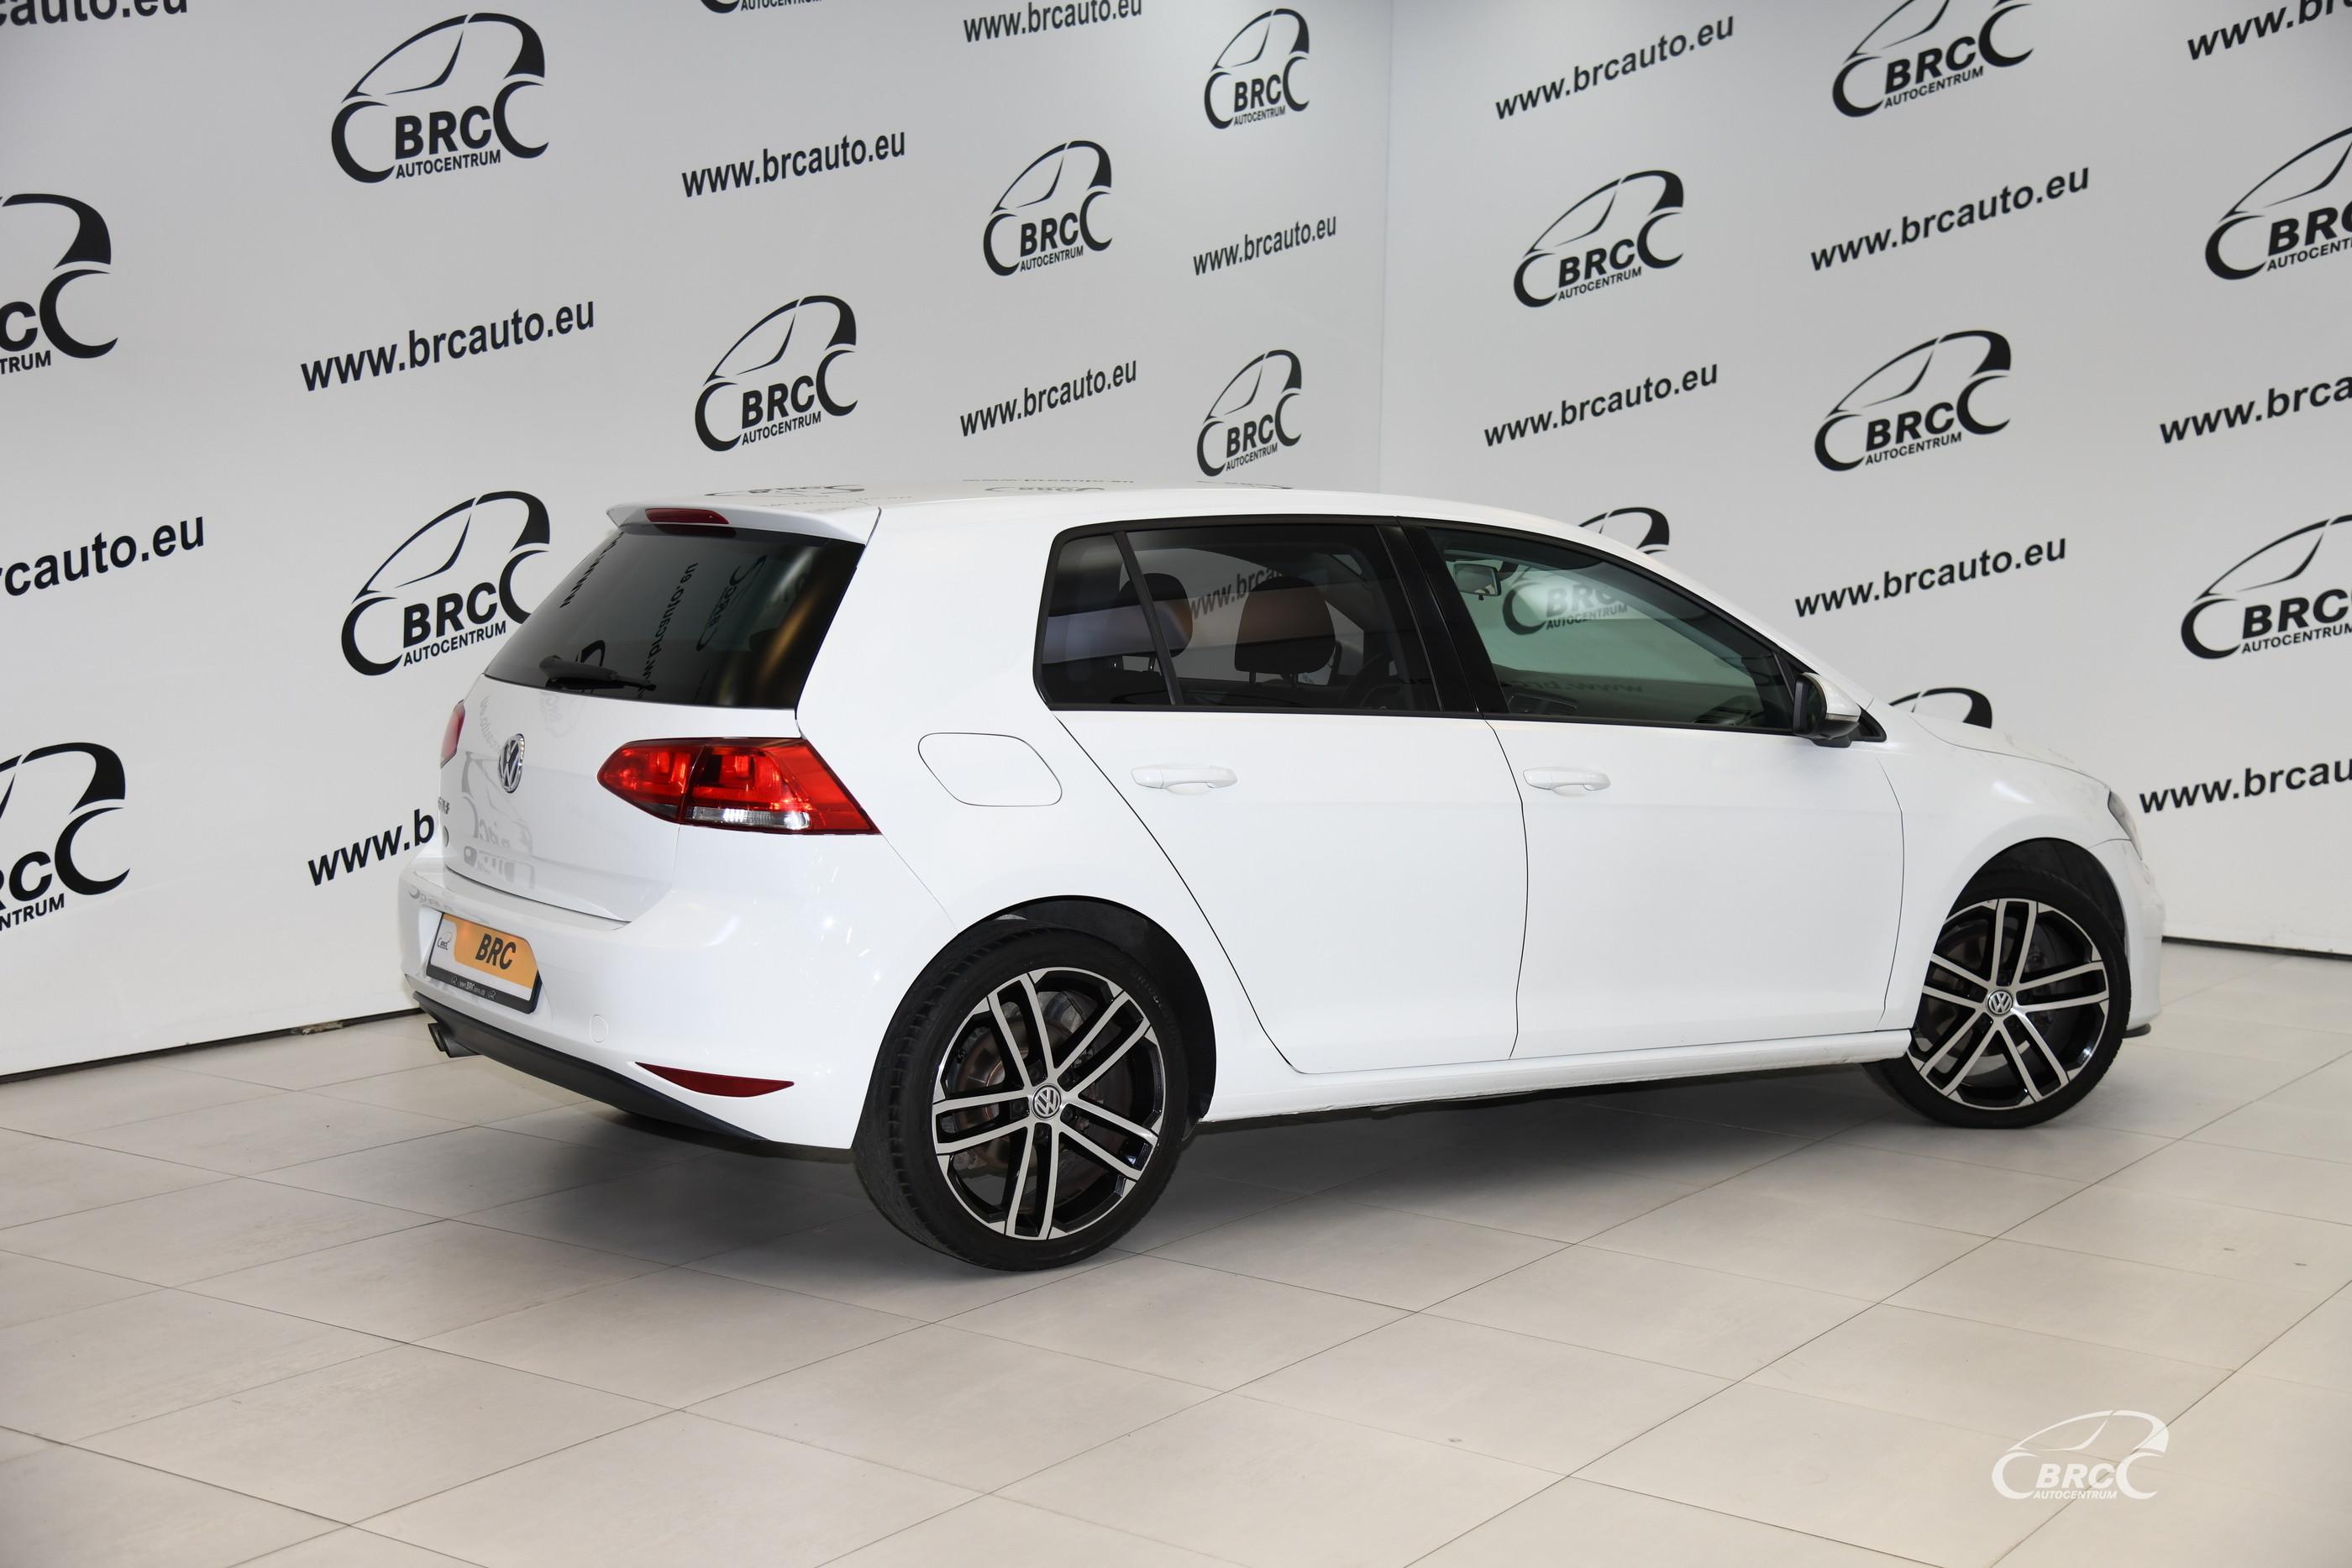 Volkswagen Golf 1.4 TSI Automatas